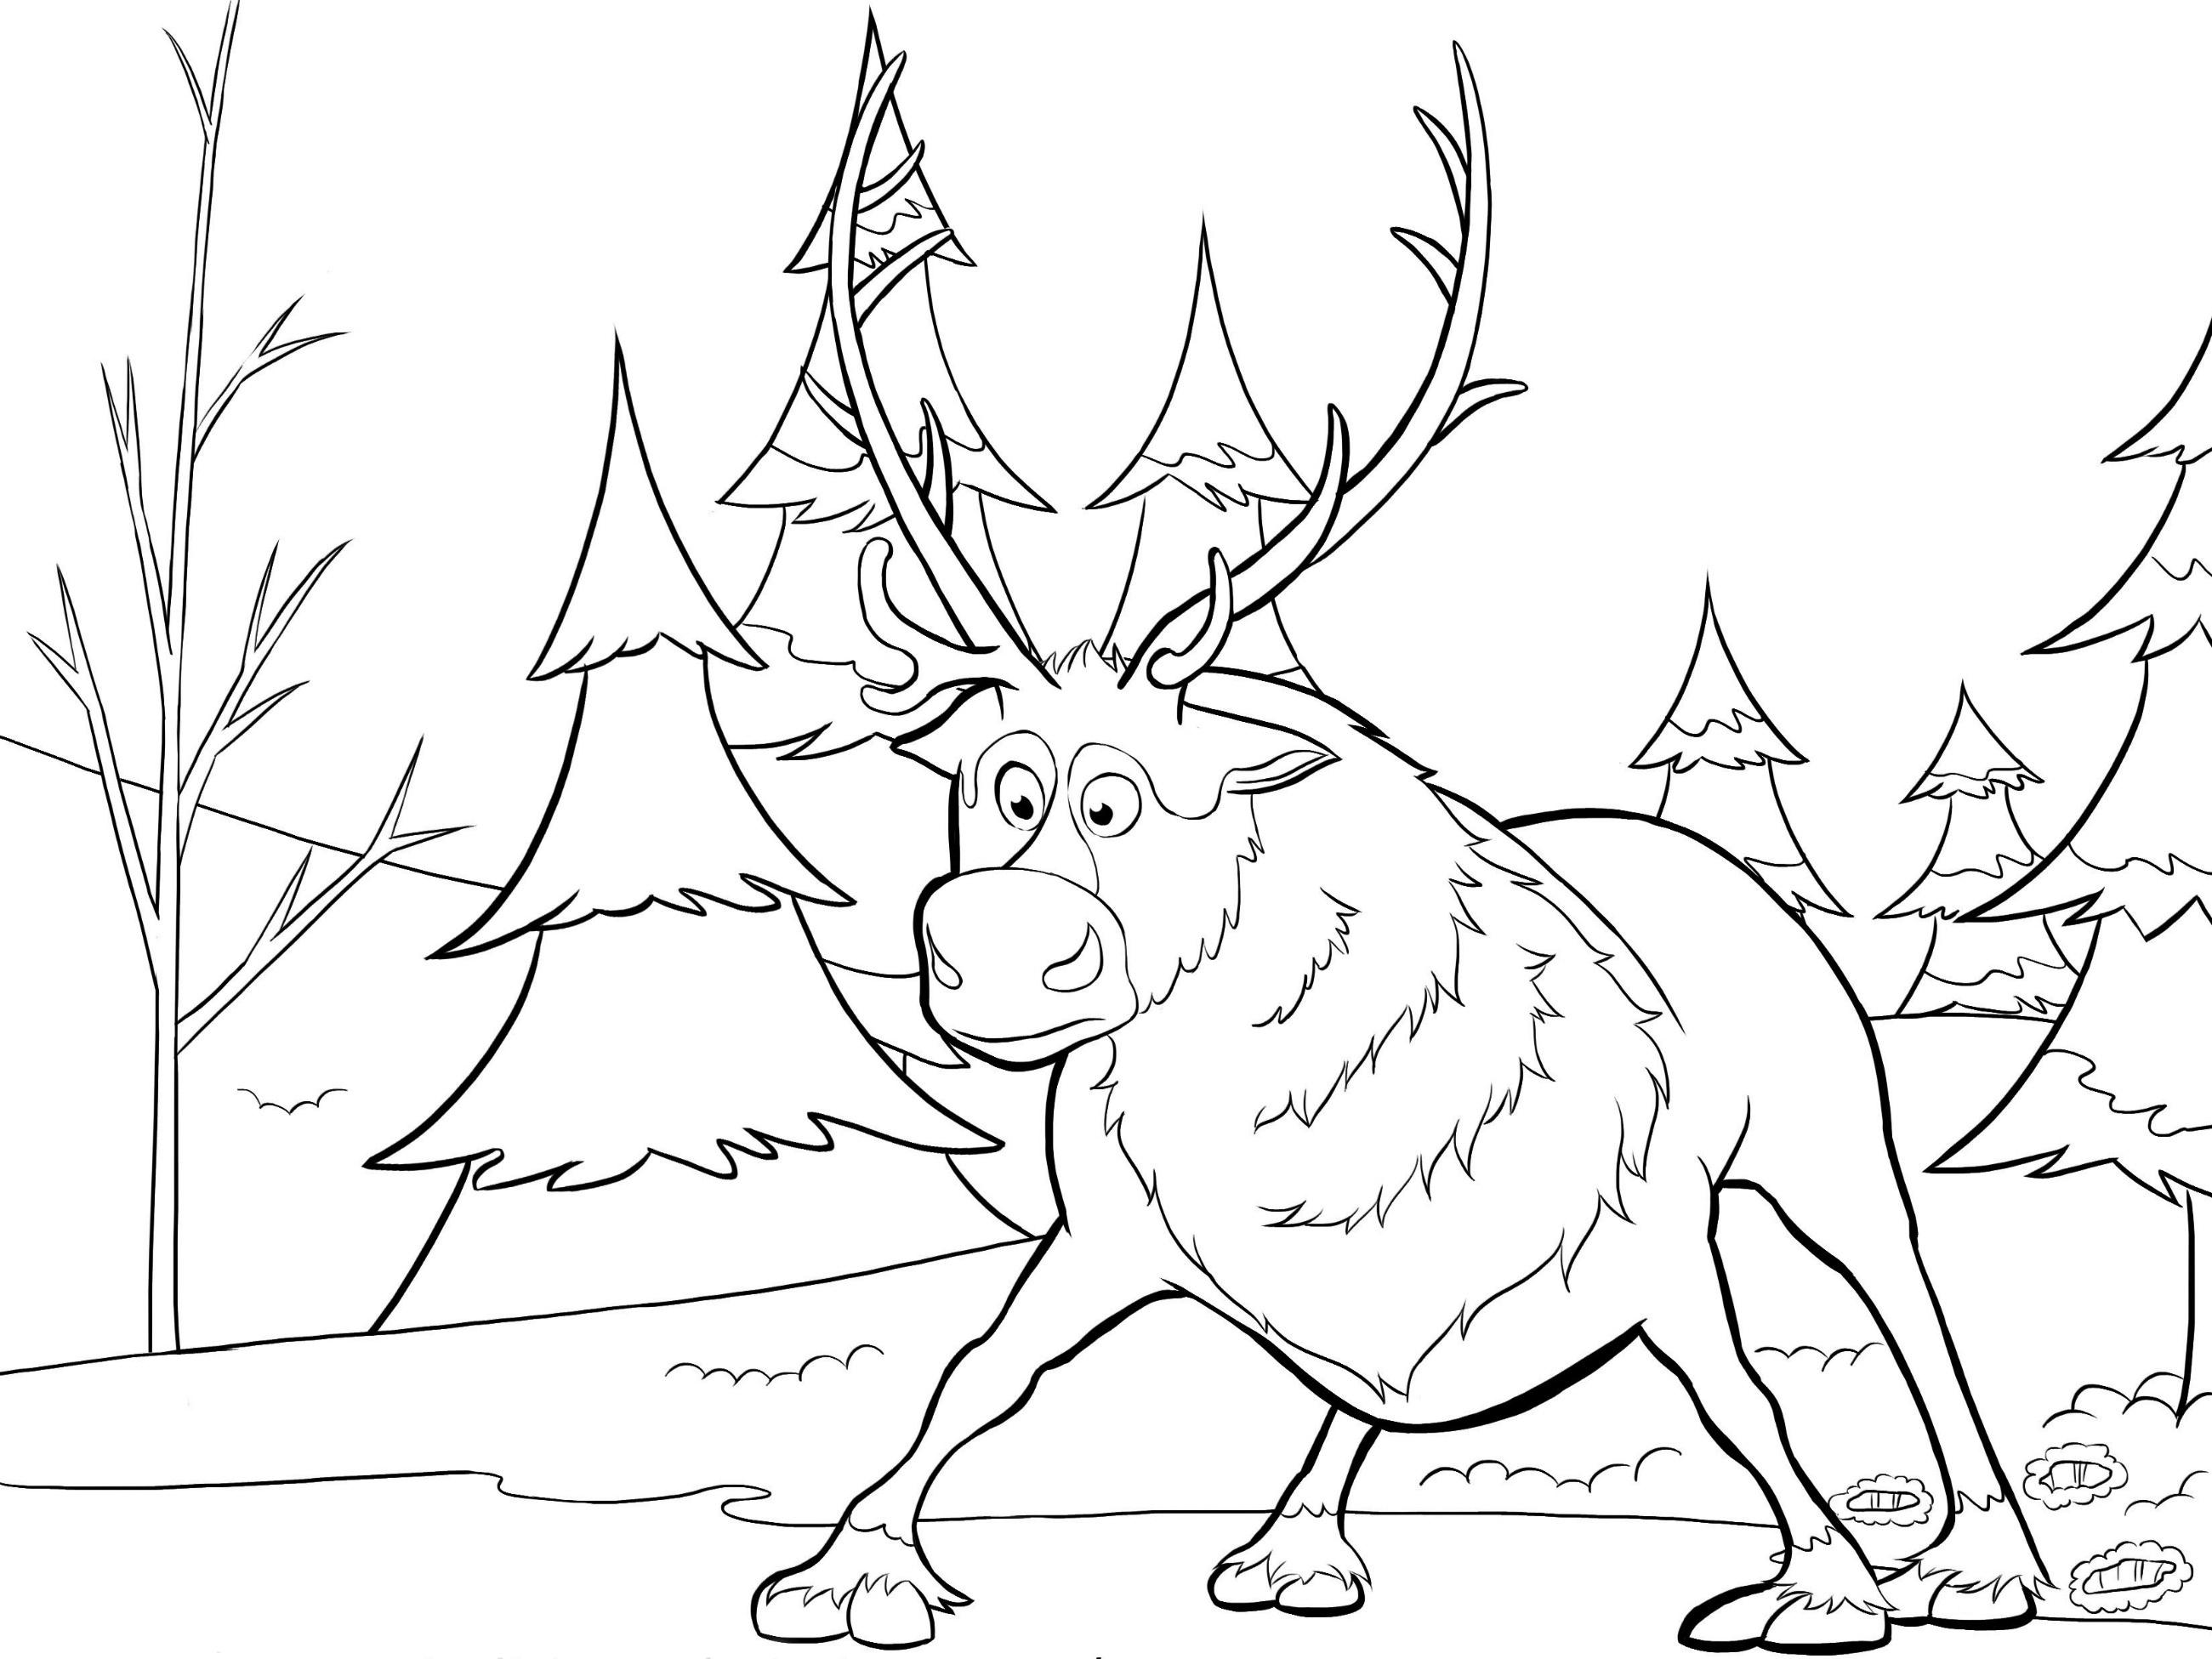 Imprimir Dibujos Para Colorear De Frozen: Dibujos Para Colorear De Frozen El Reino Del Hielo